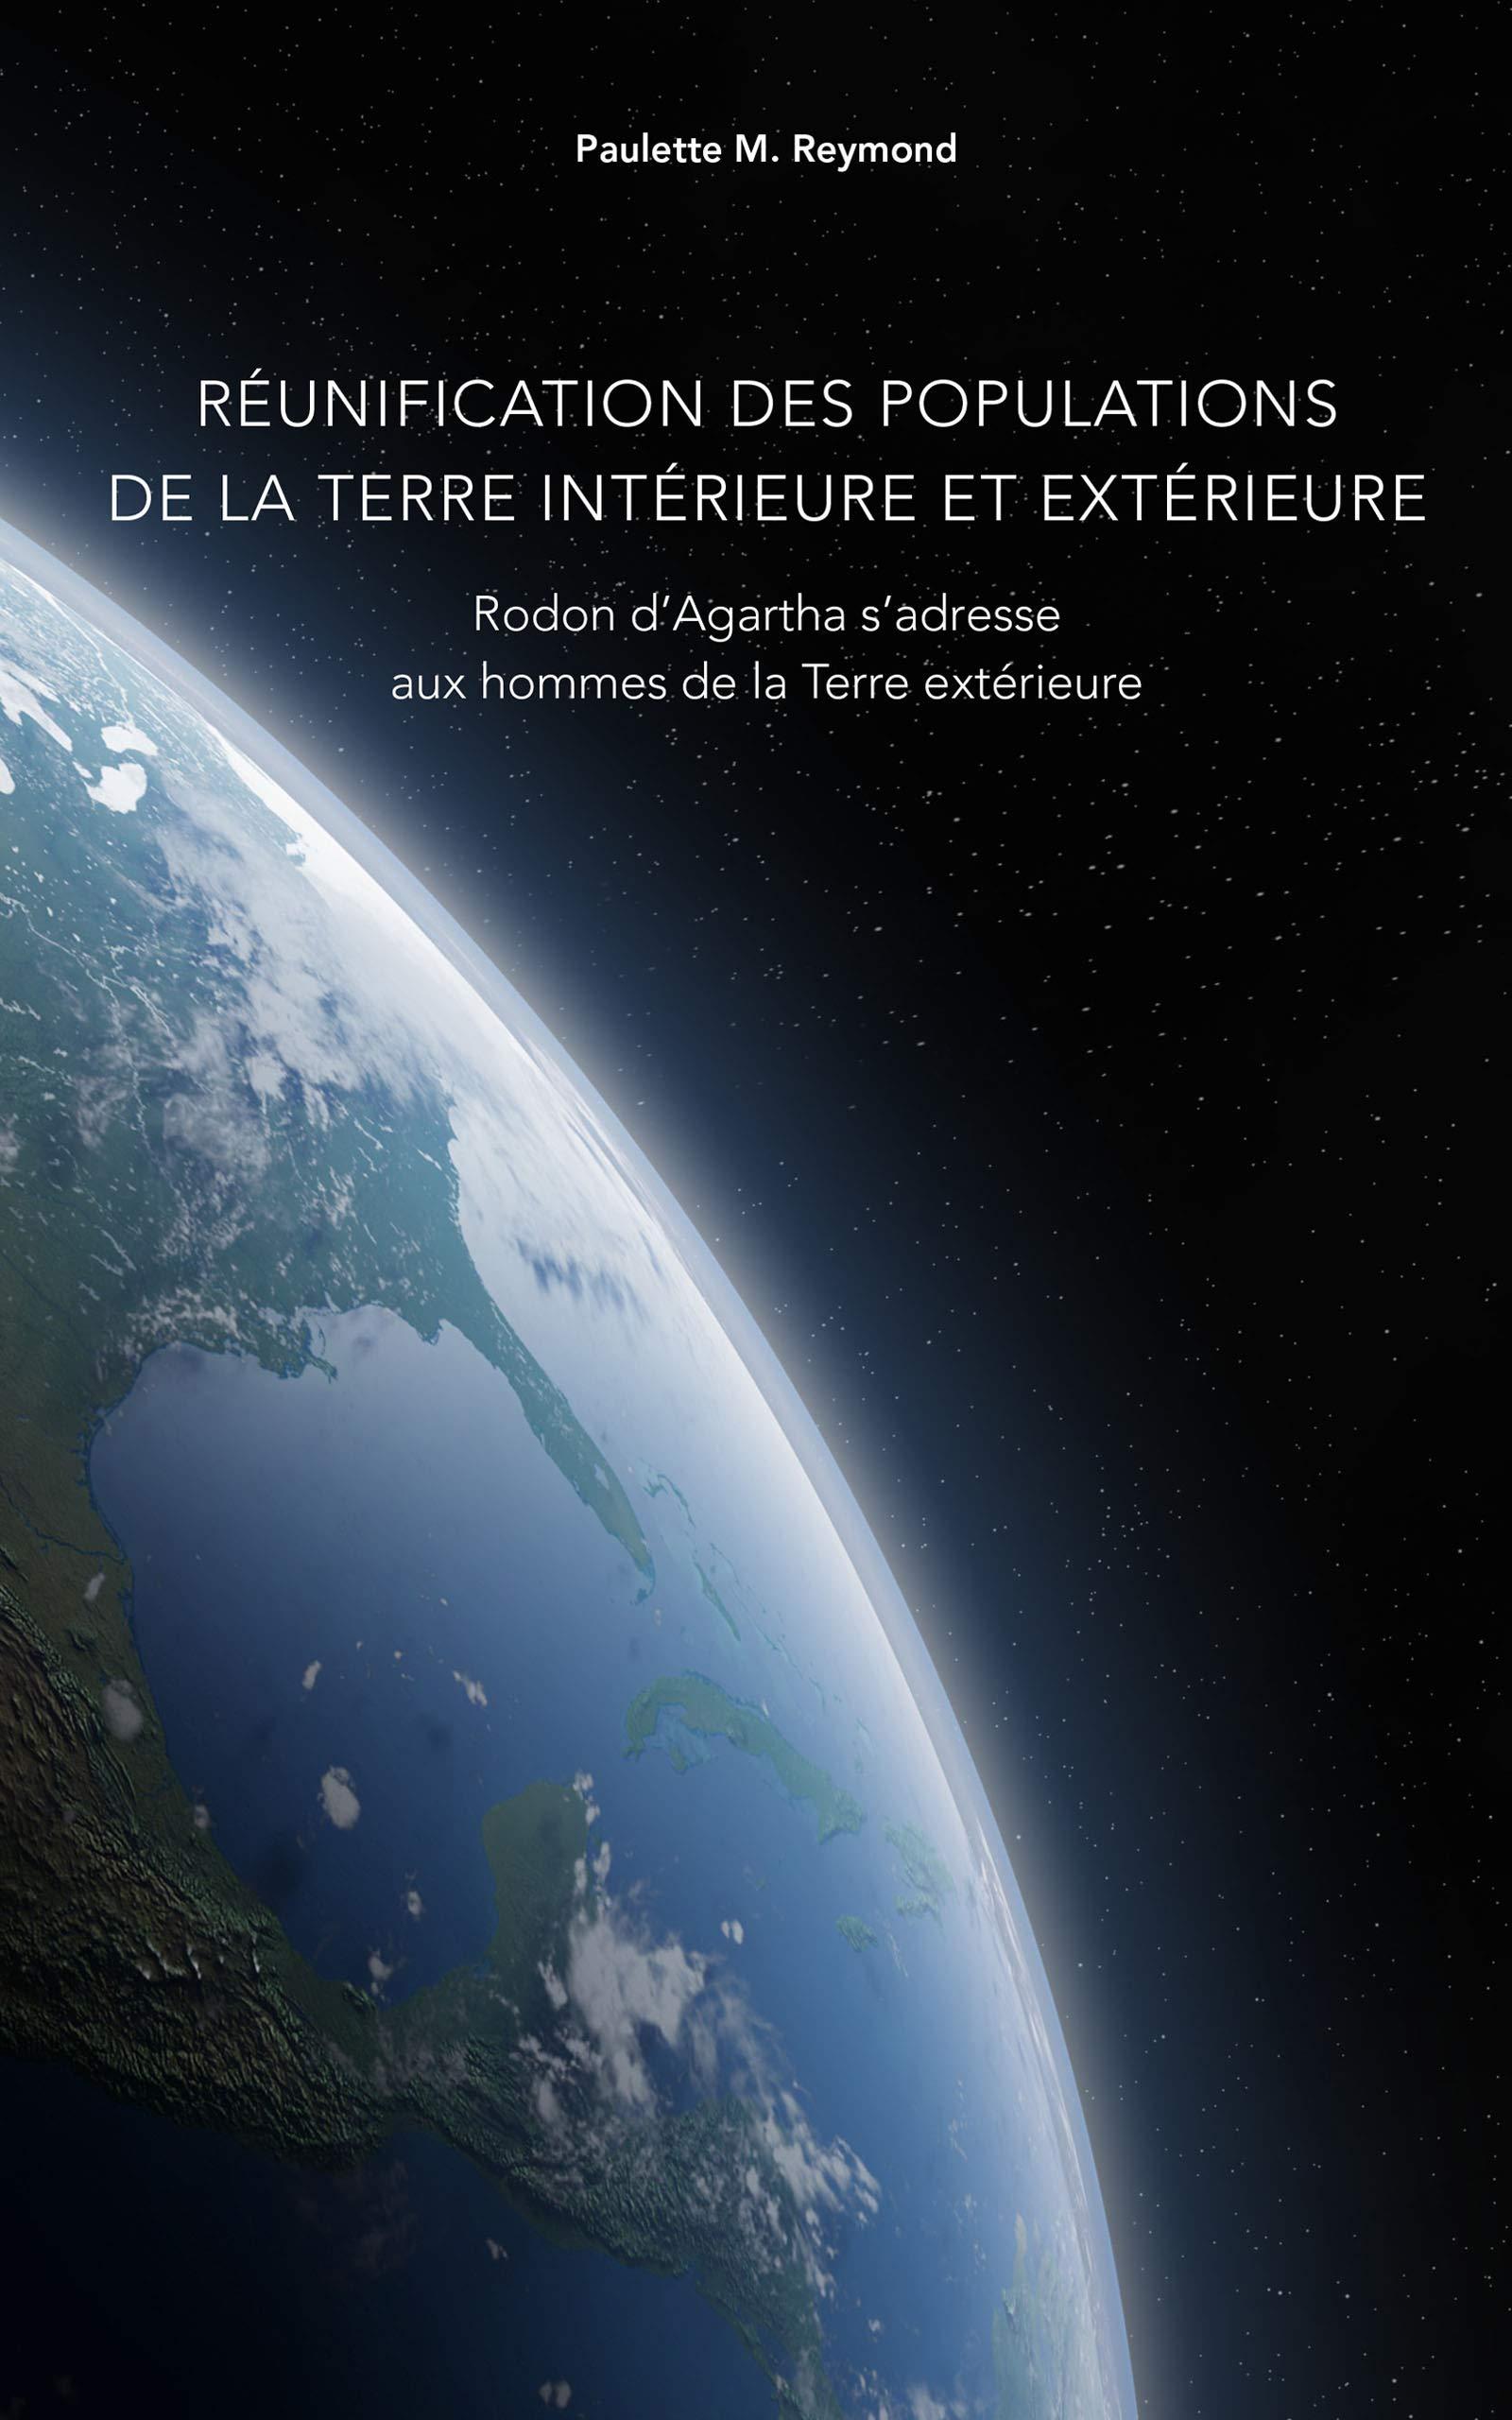 Réunification des populations de la Terre intérieure et extérieure: Rodon d'Agartha s'adresse aux hommes de la Terre extérieure